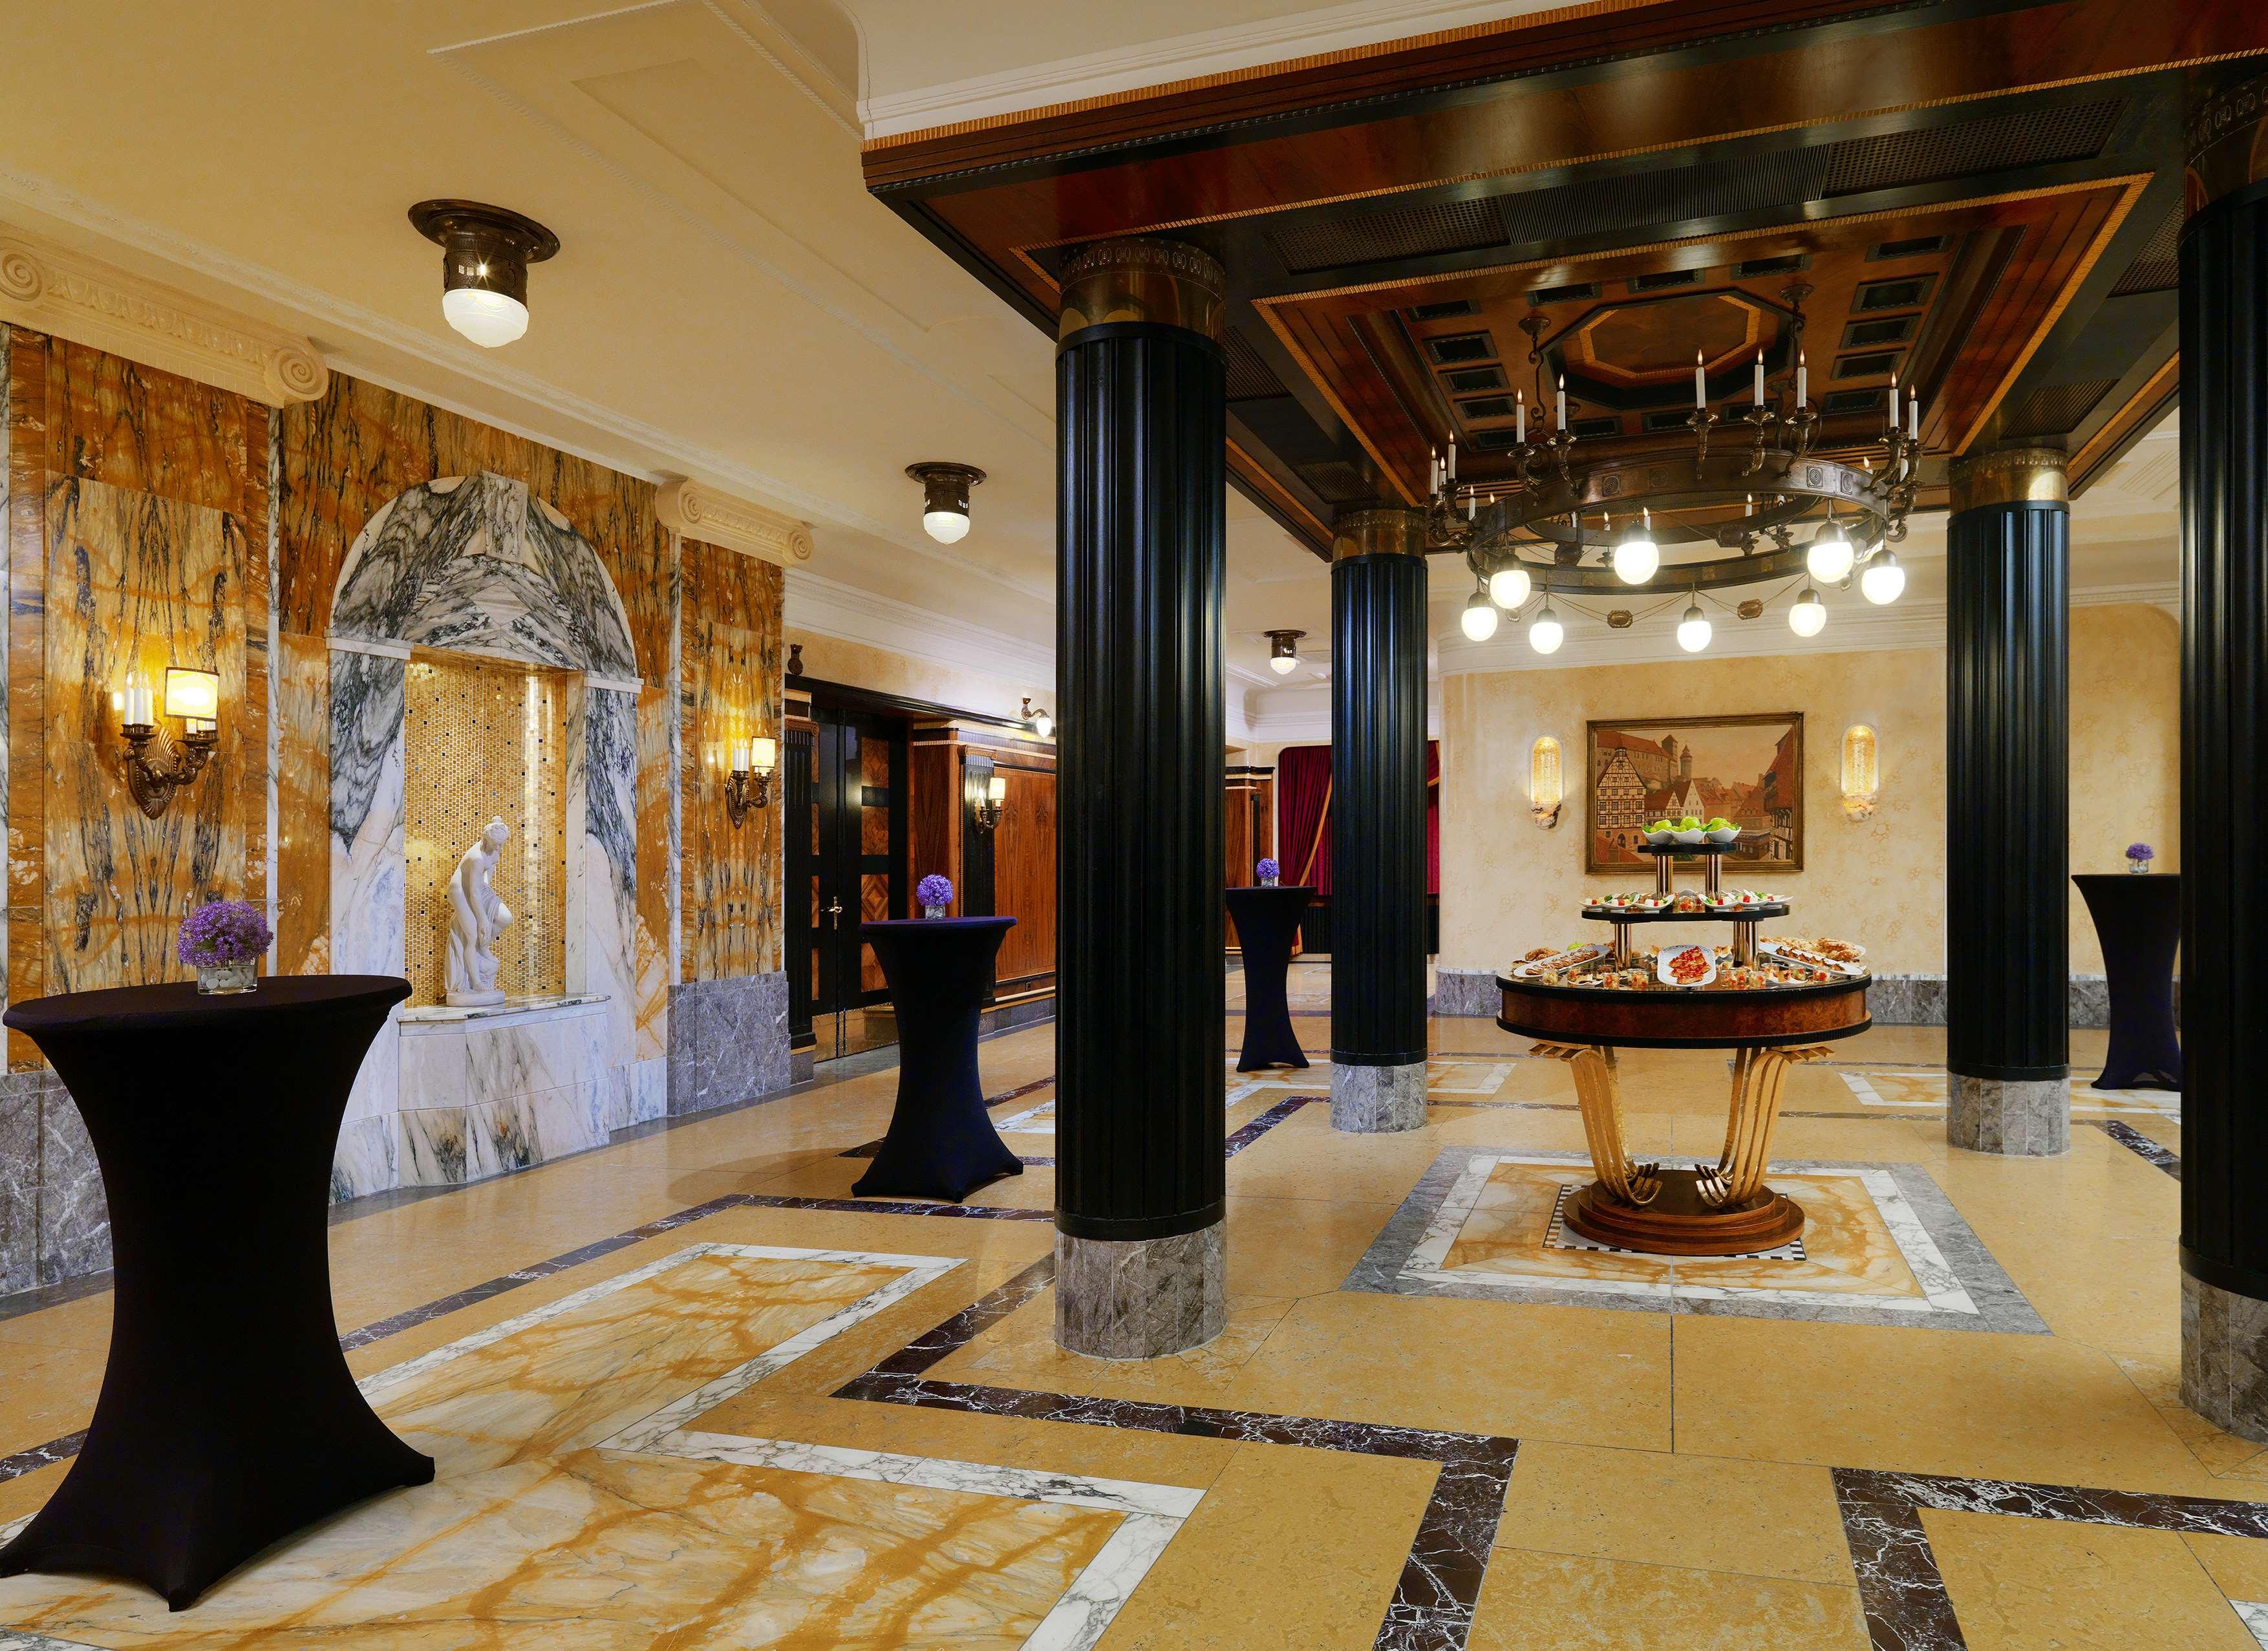 le m ridien grand hotel nuremberg in n rnberg ffnungszeiten adresse. Black Bedroom Furniture Sets. Home Design Ideas